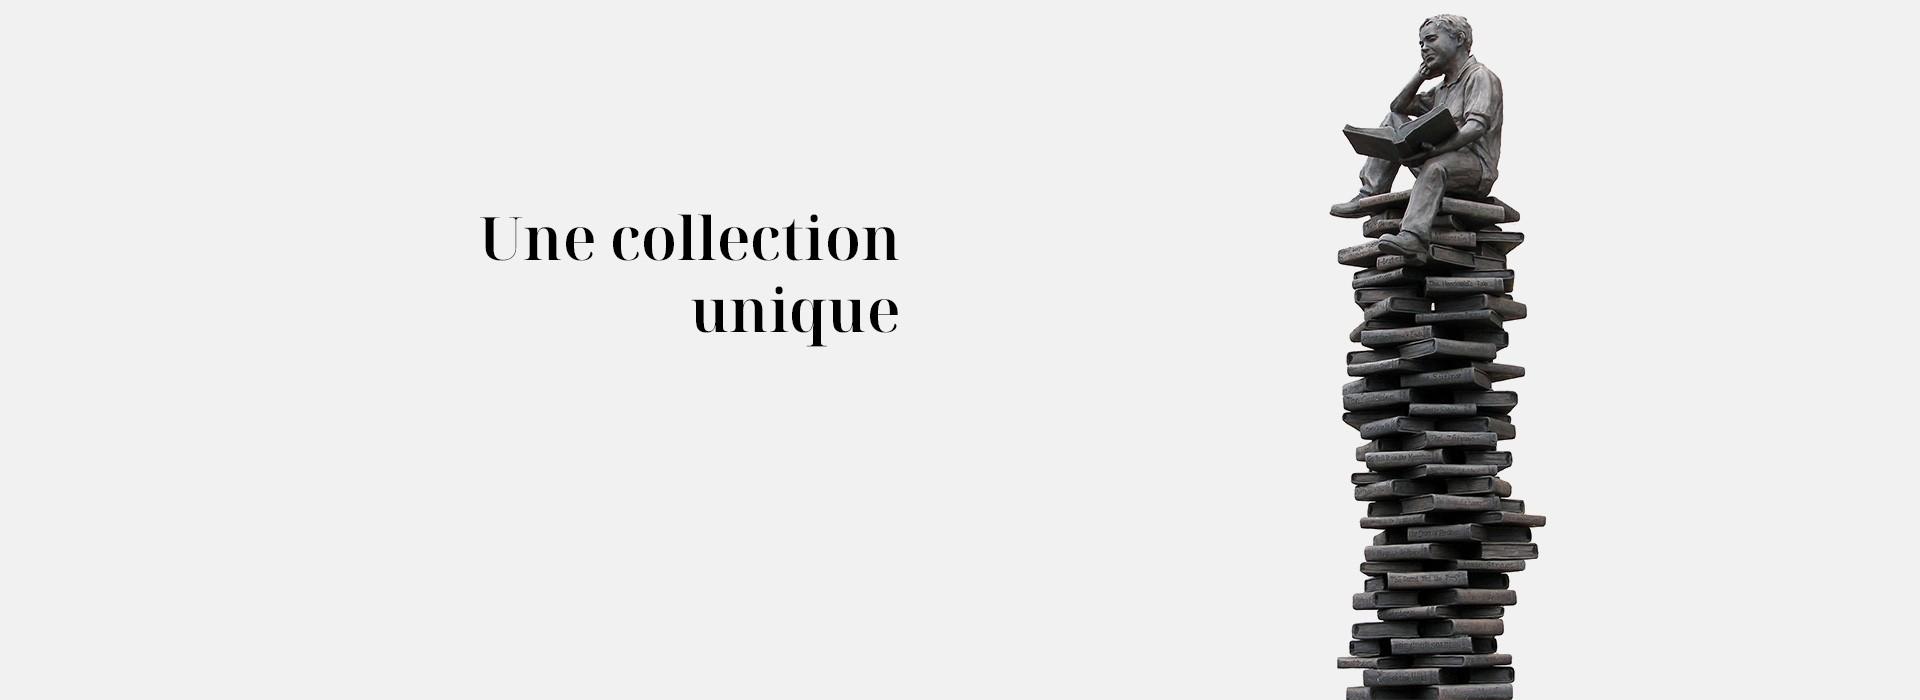 Une collection unique